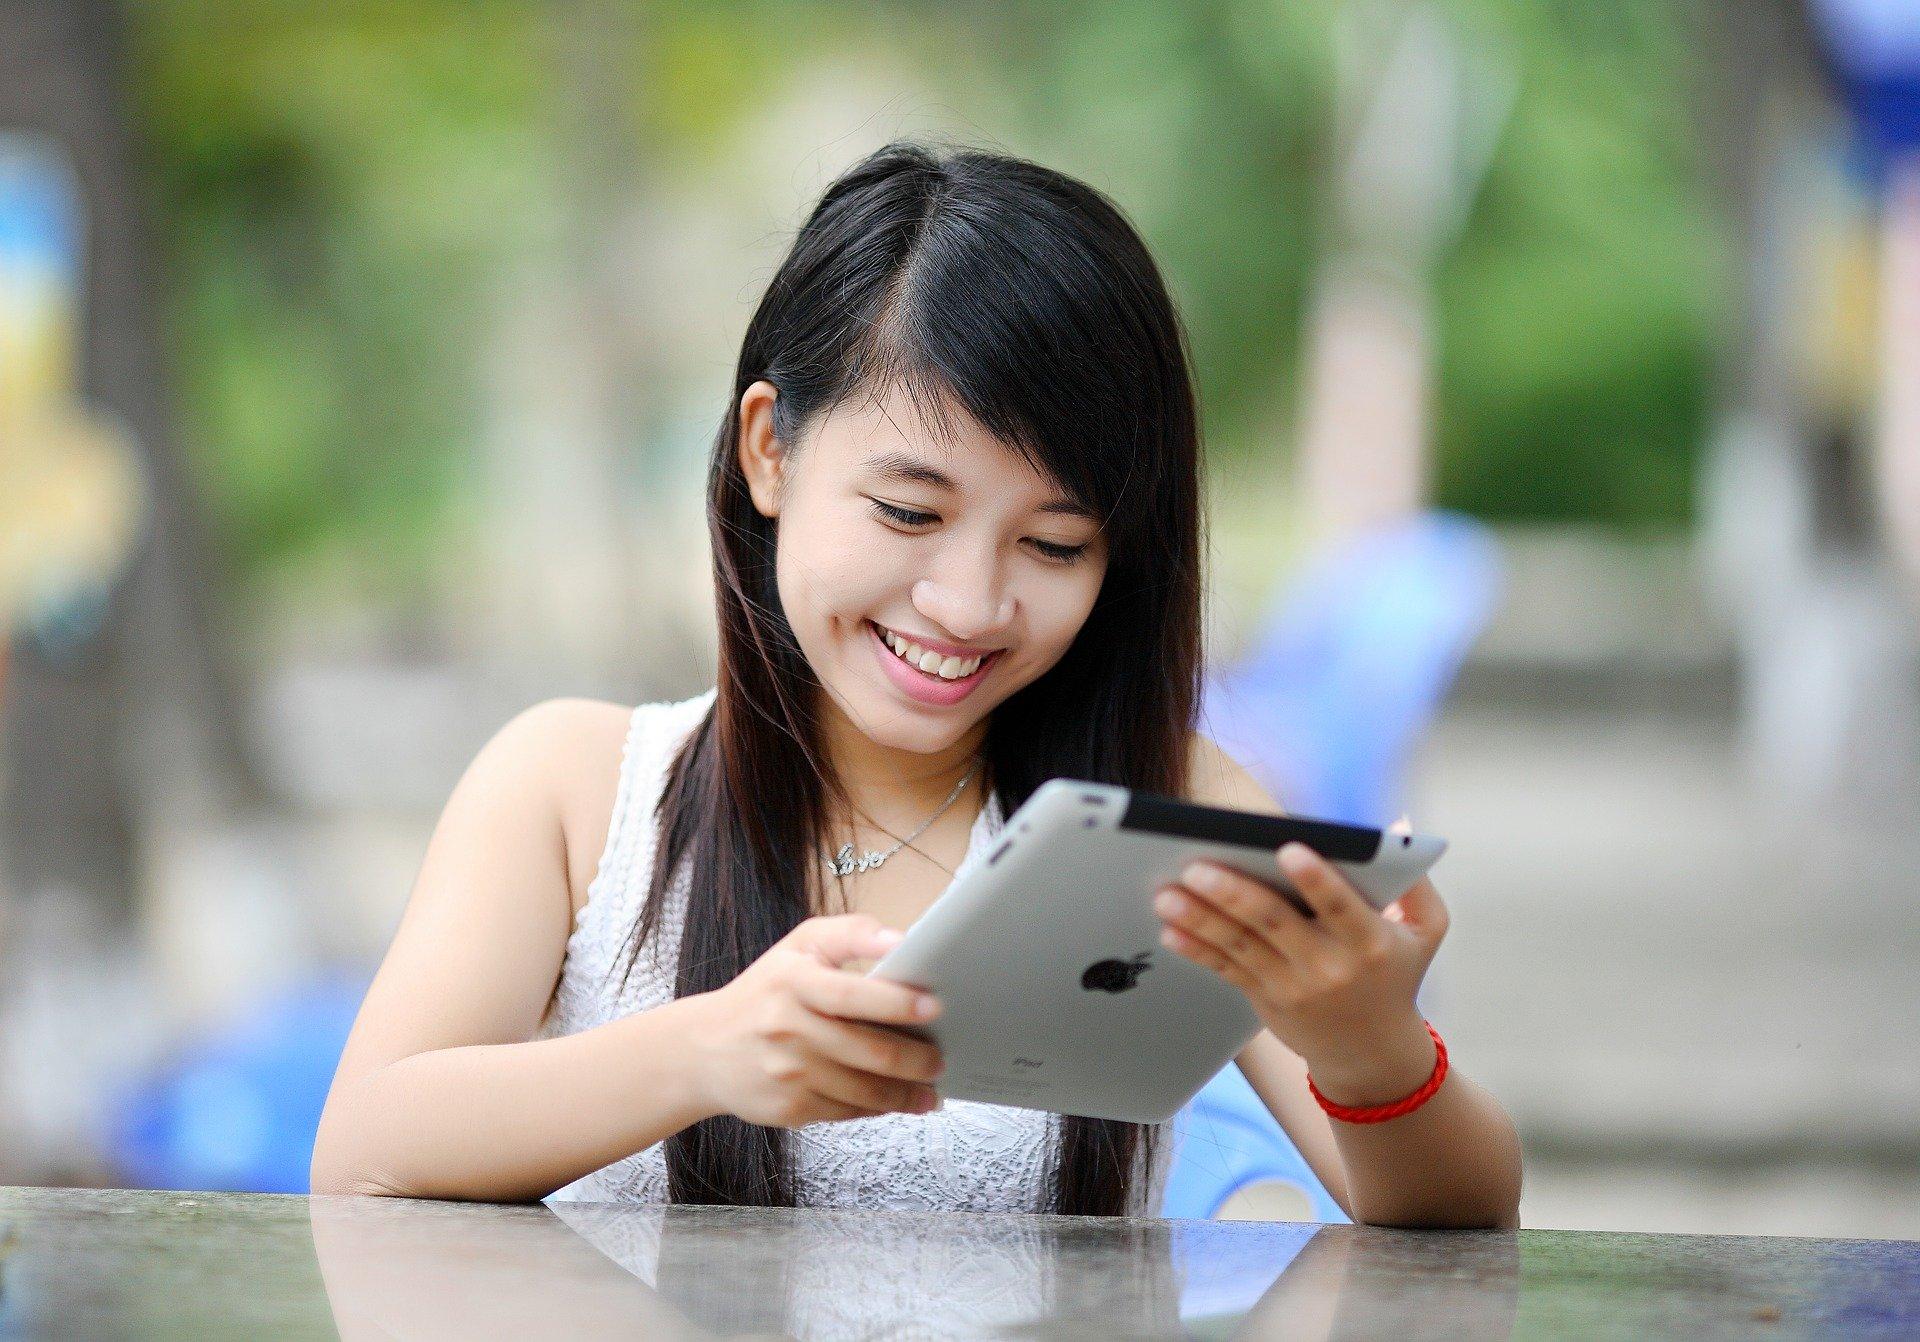 Foto de uma moça de camiseta branca apoiada em uma mesa branca enquanto segura um tablet. Temos também um fundo desfocado, mas é possível perceber árvores, como em um parque. Imagem ilustrativa para texto seguro.